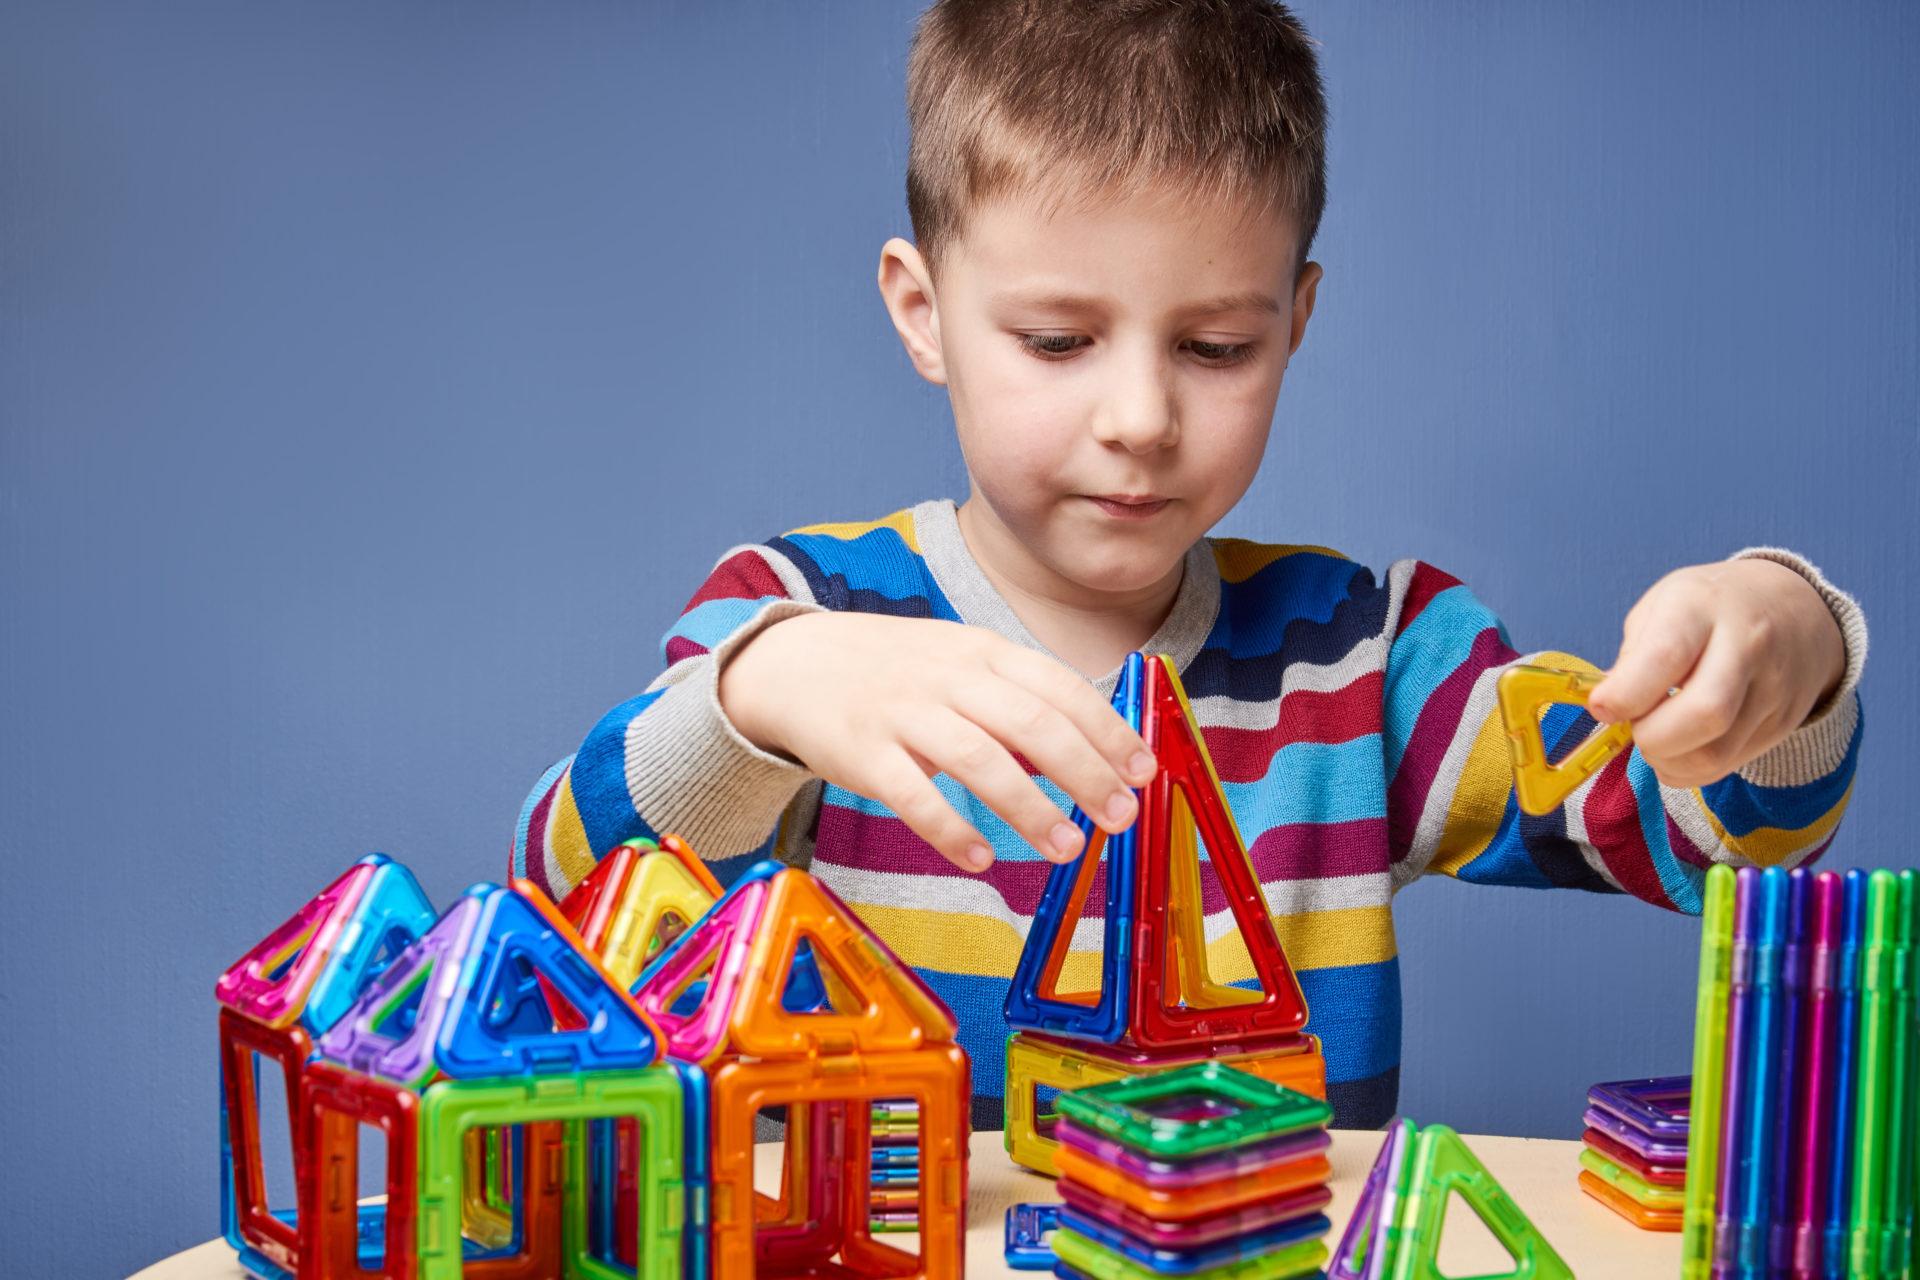 Idées Cadeau Anniversaire Garçon De 6 Ans, 7 Ans, 8 Ans, 9 concernant Jeux Pour Enfant De 6 Ans